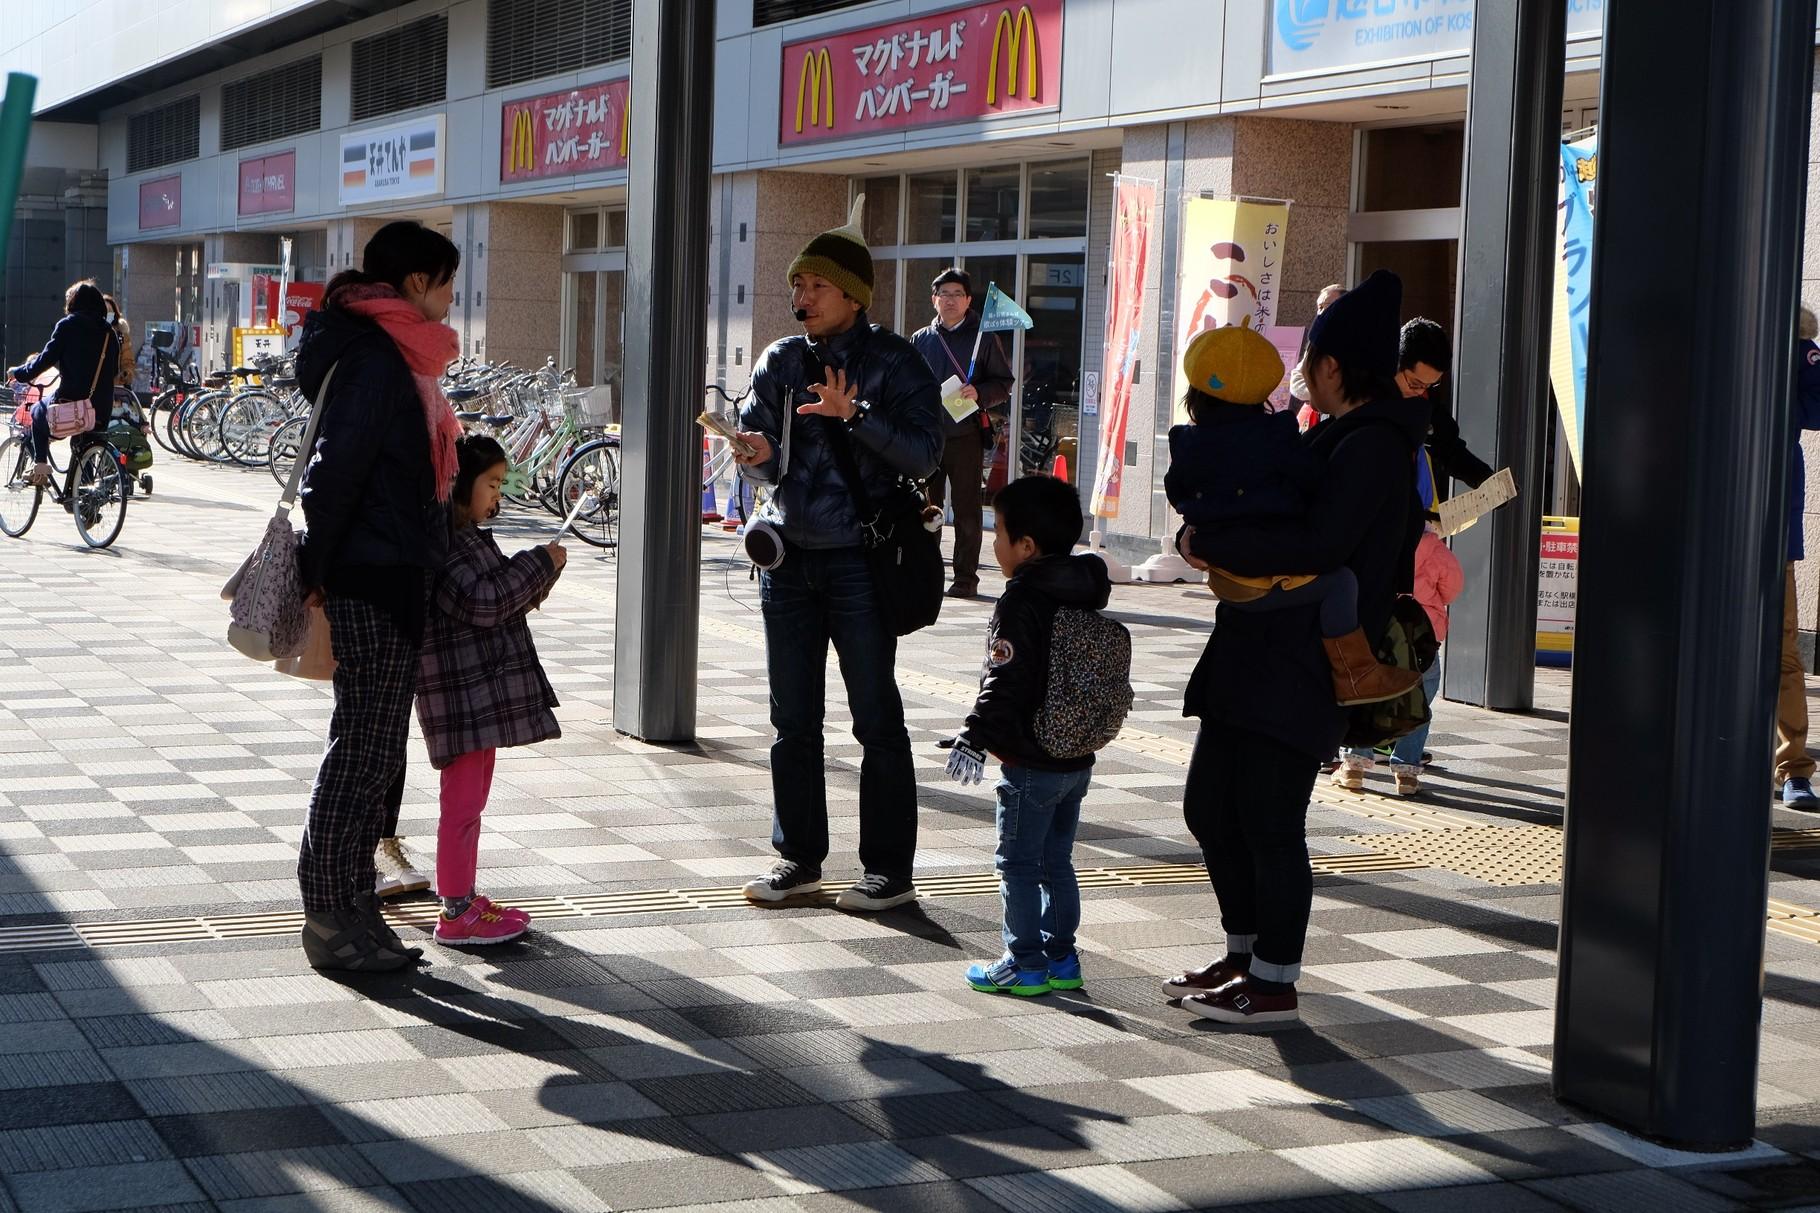 越谷駅前で集合 巡ちゃんの「くわい帽」が目印です